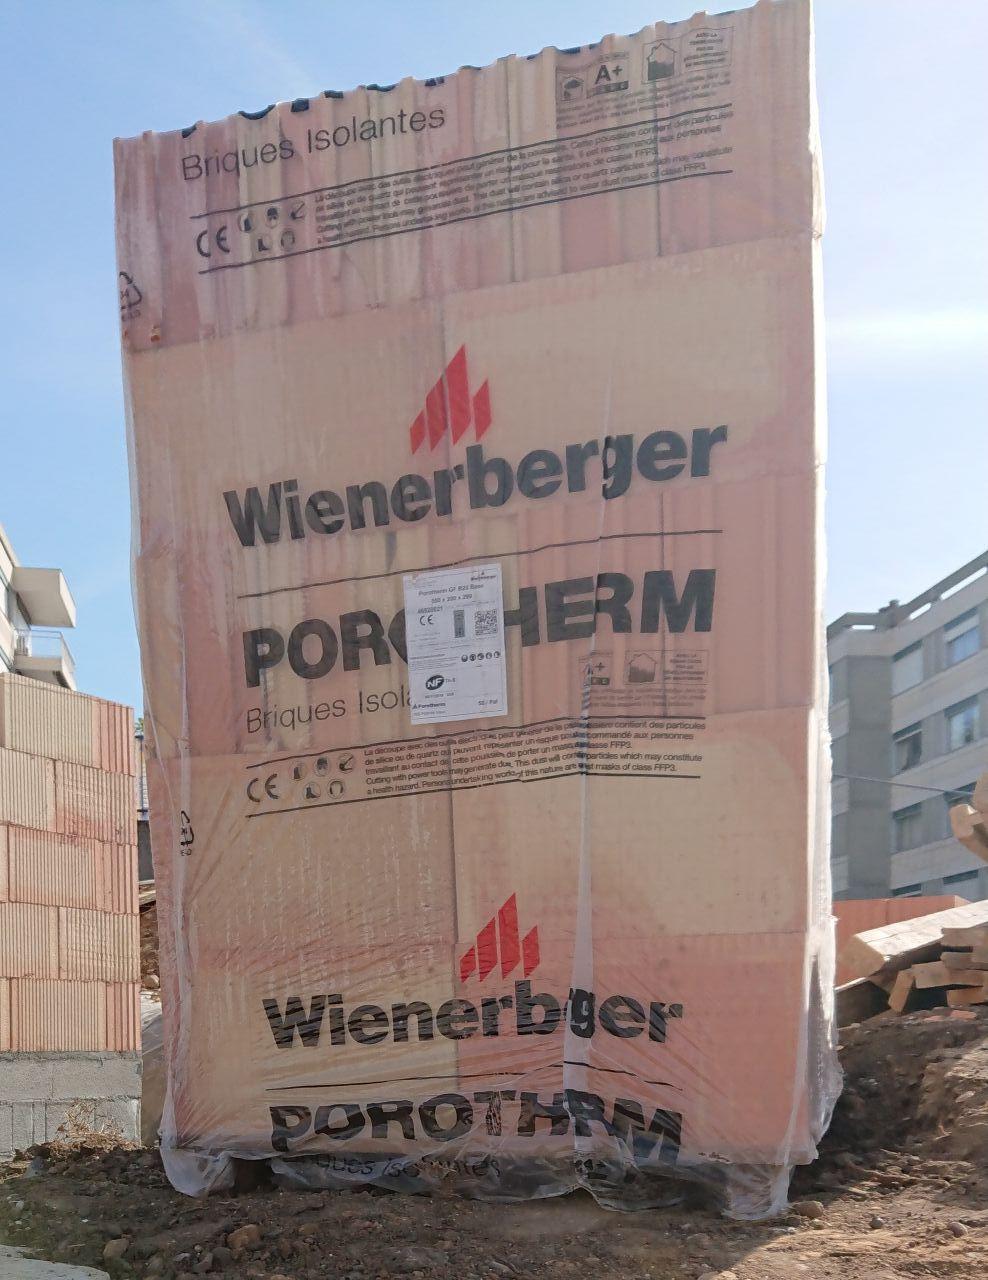 brique porotherm GRF20 de WIENBERGER